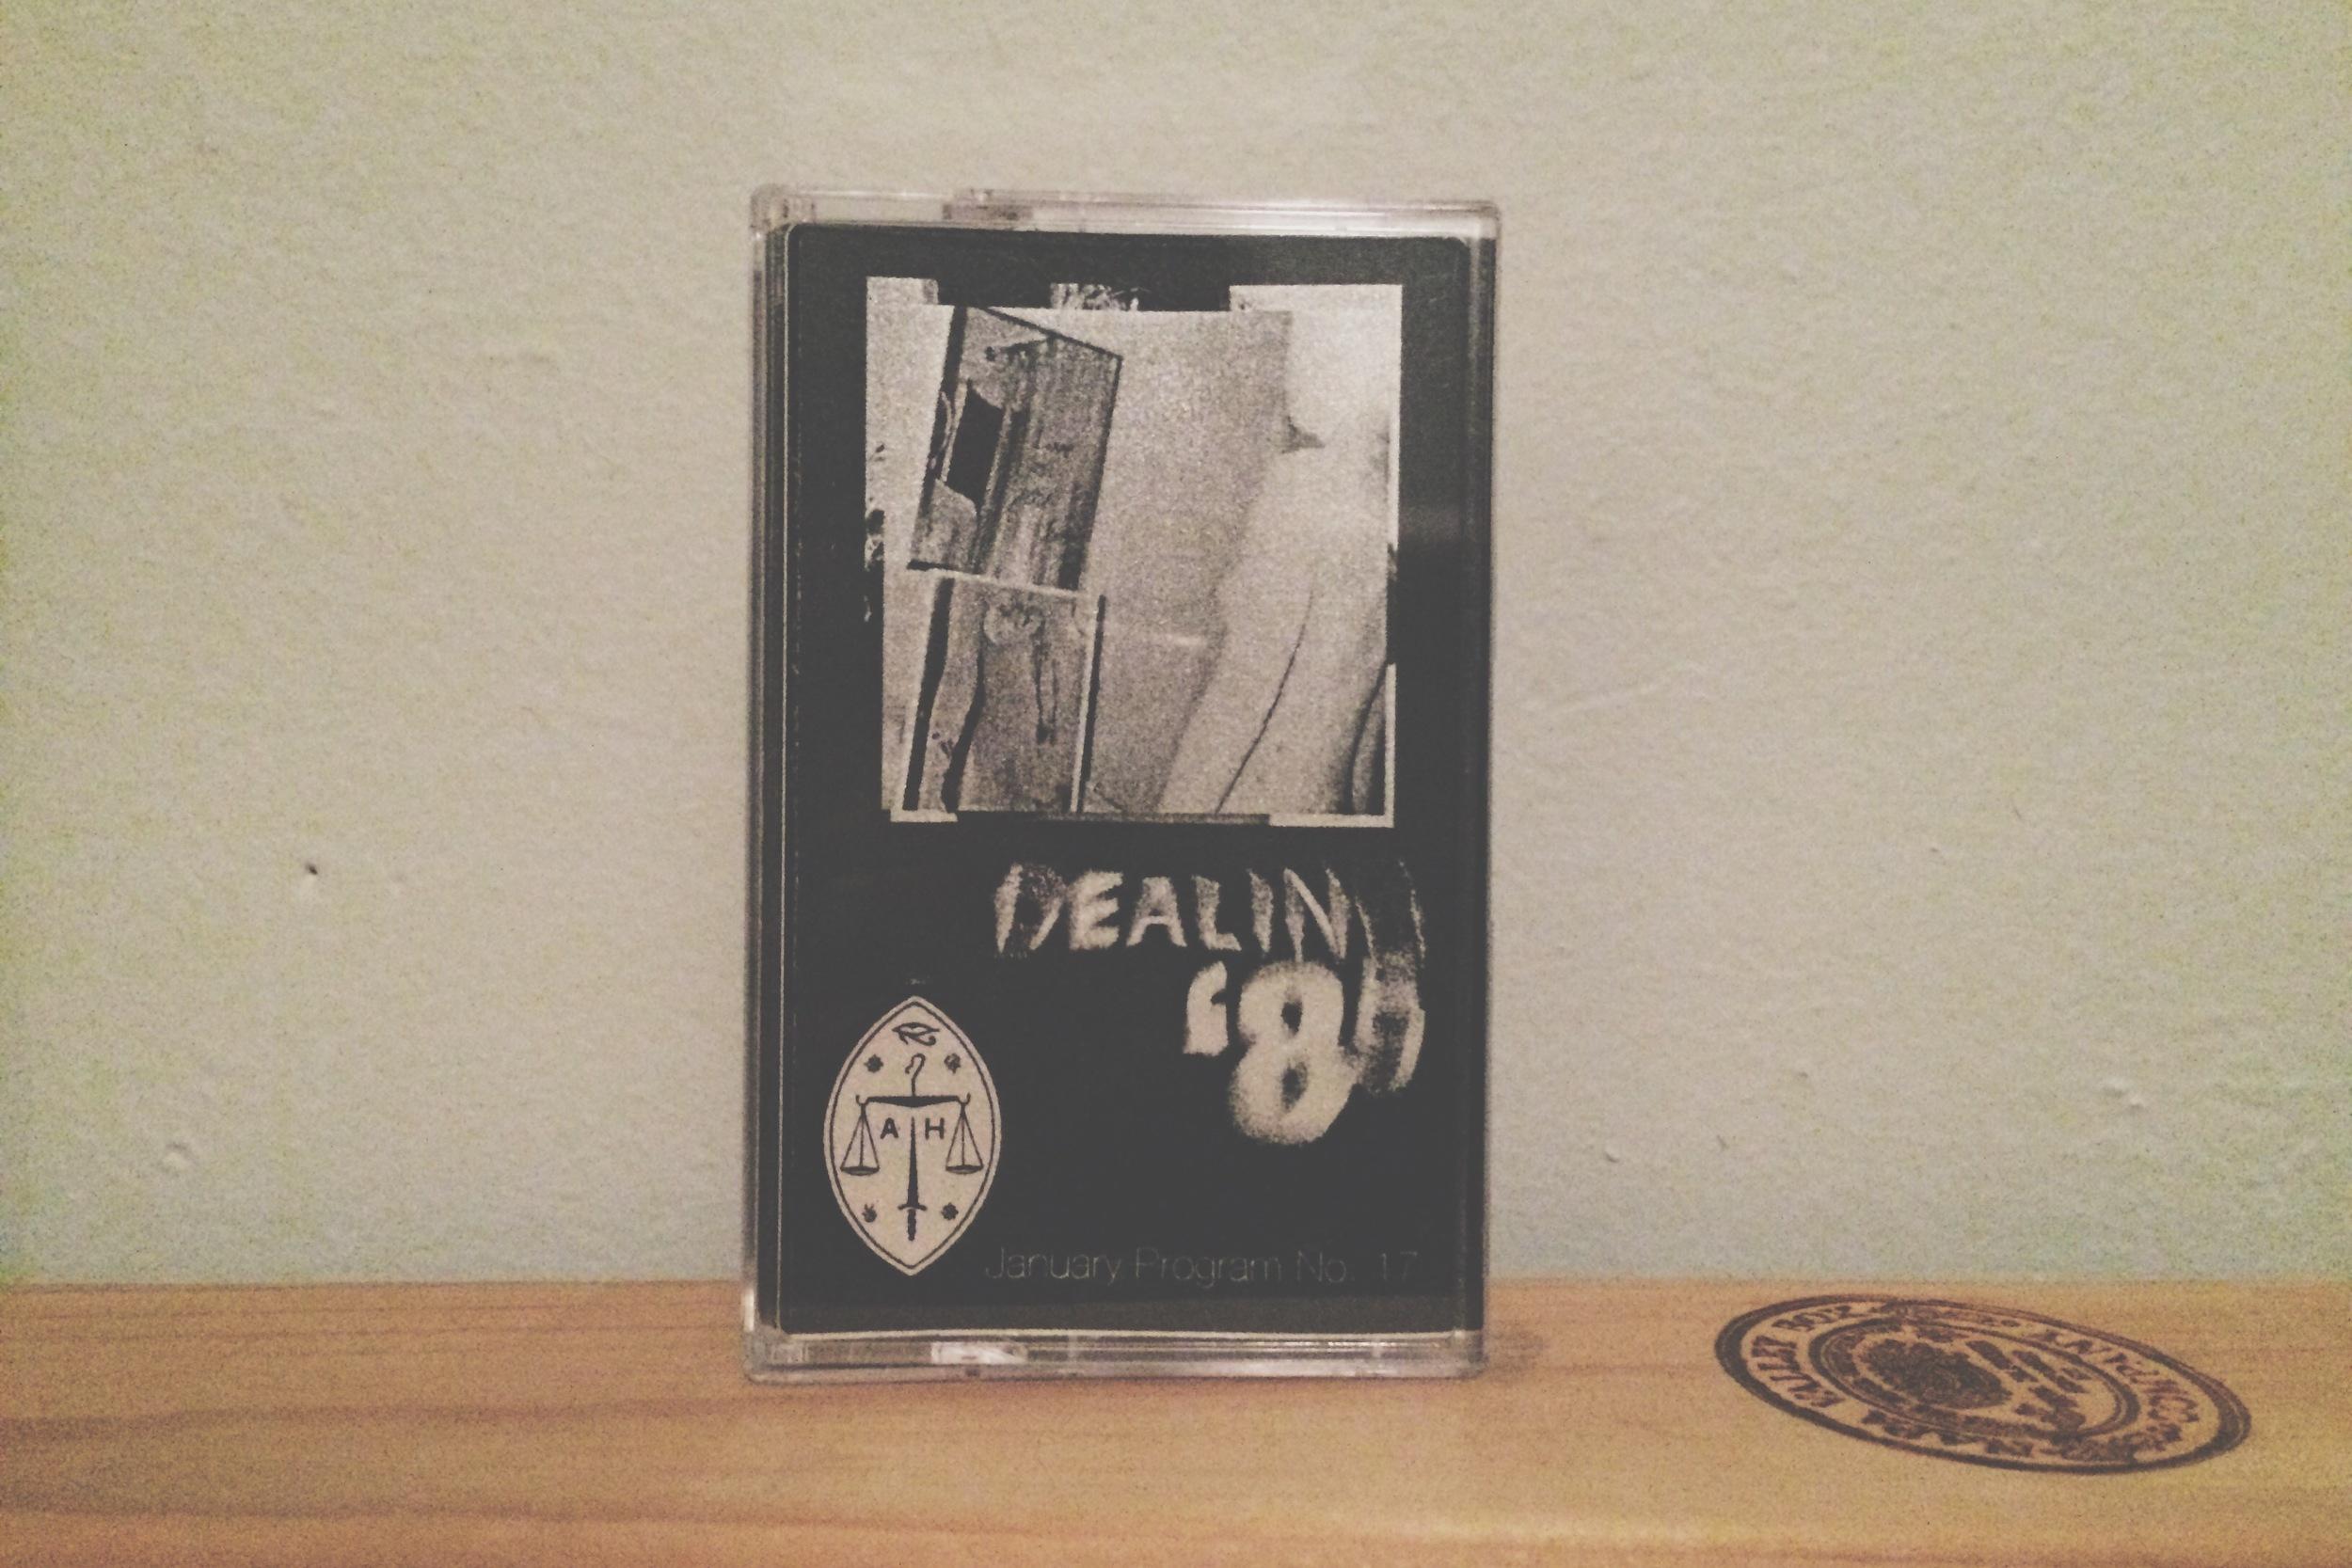 3 03. Dealing - '85.jpg